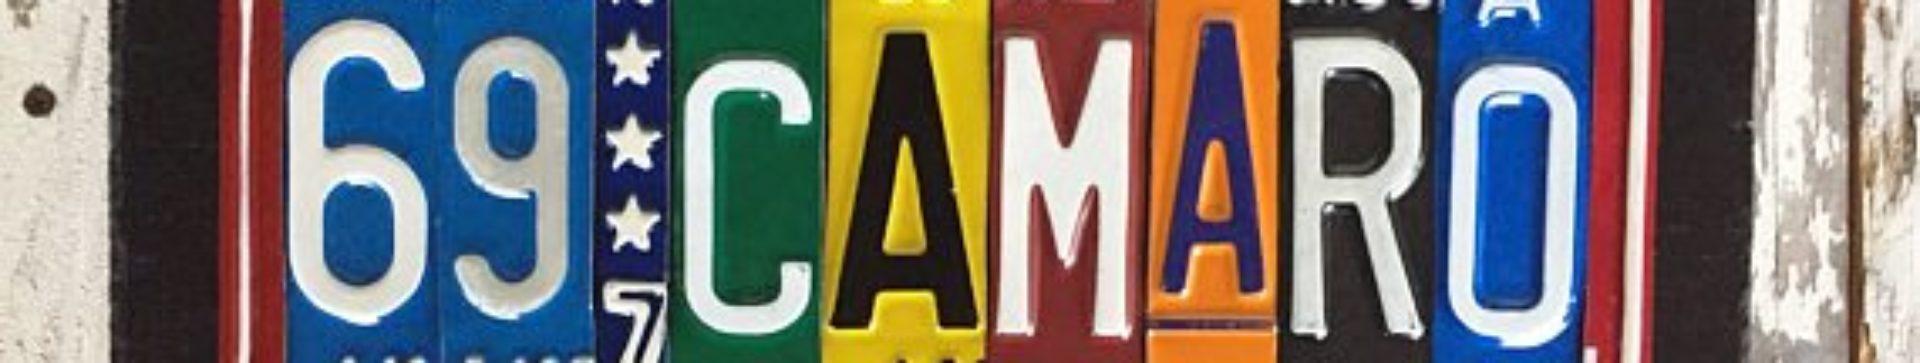 Camaro's of Michigan